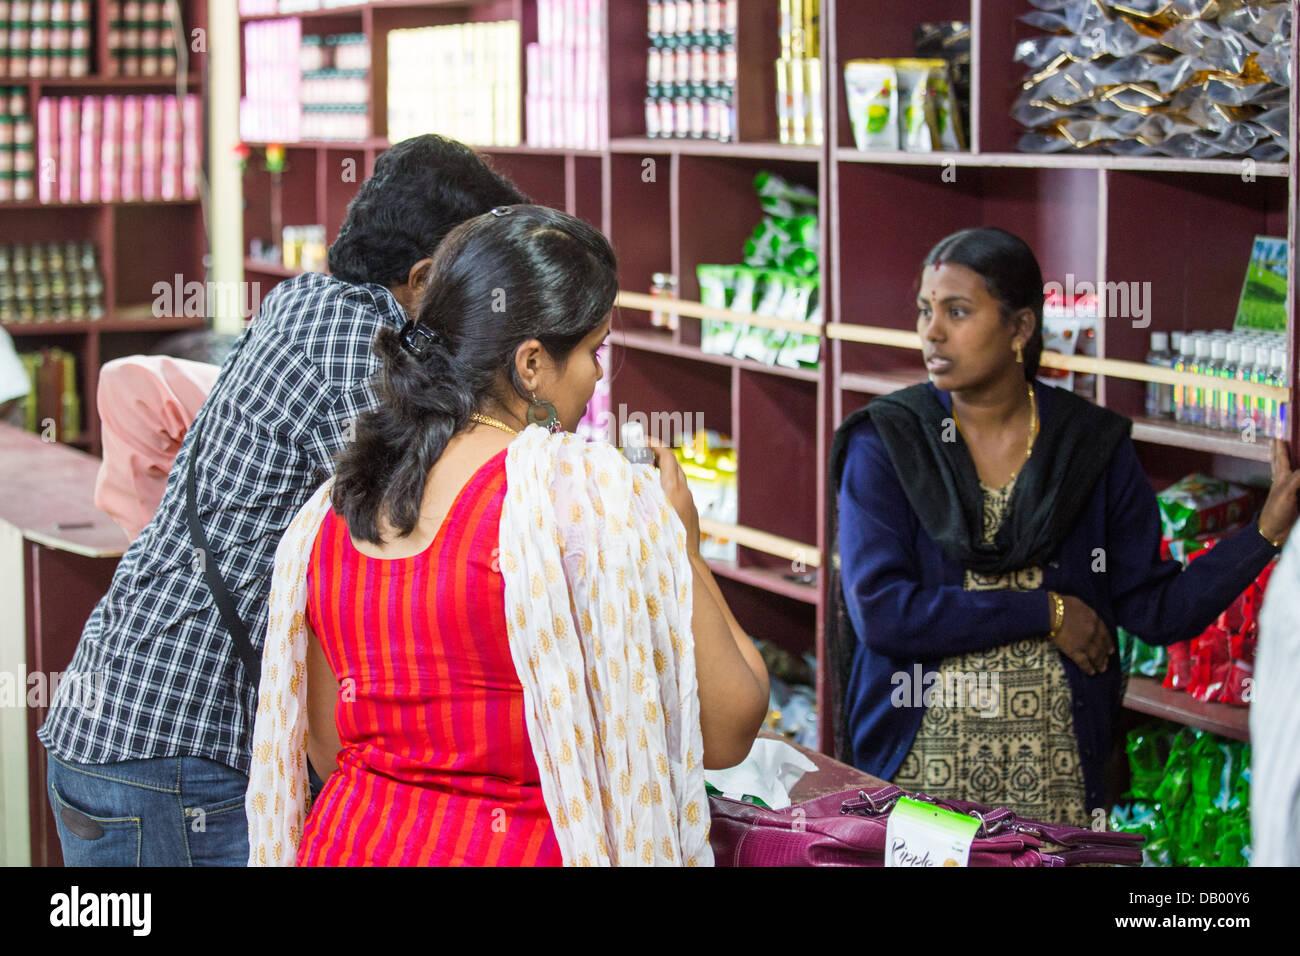 La piantagione di tè factory tour store, Munar, India Immagini Stock